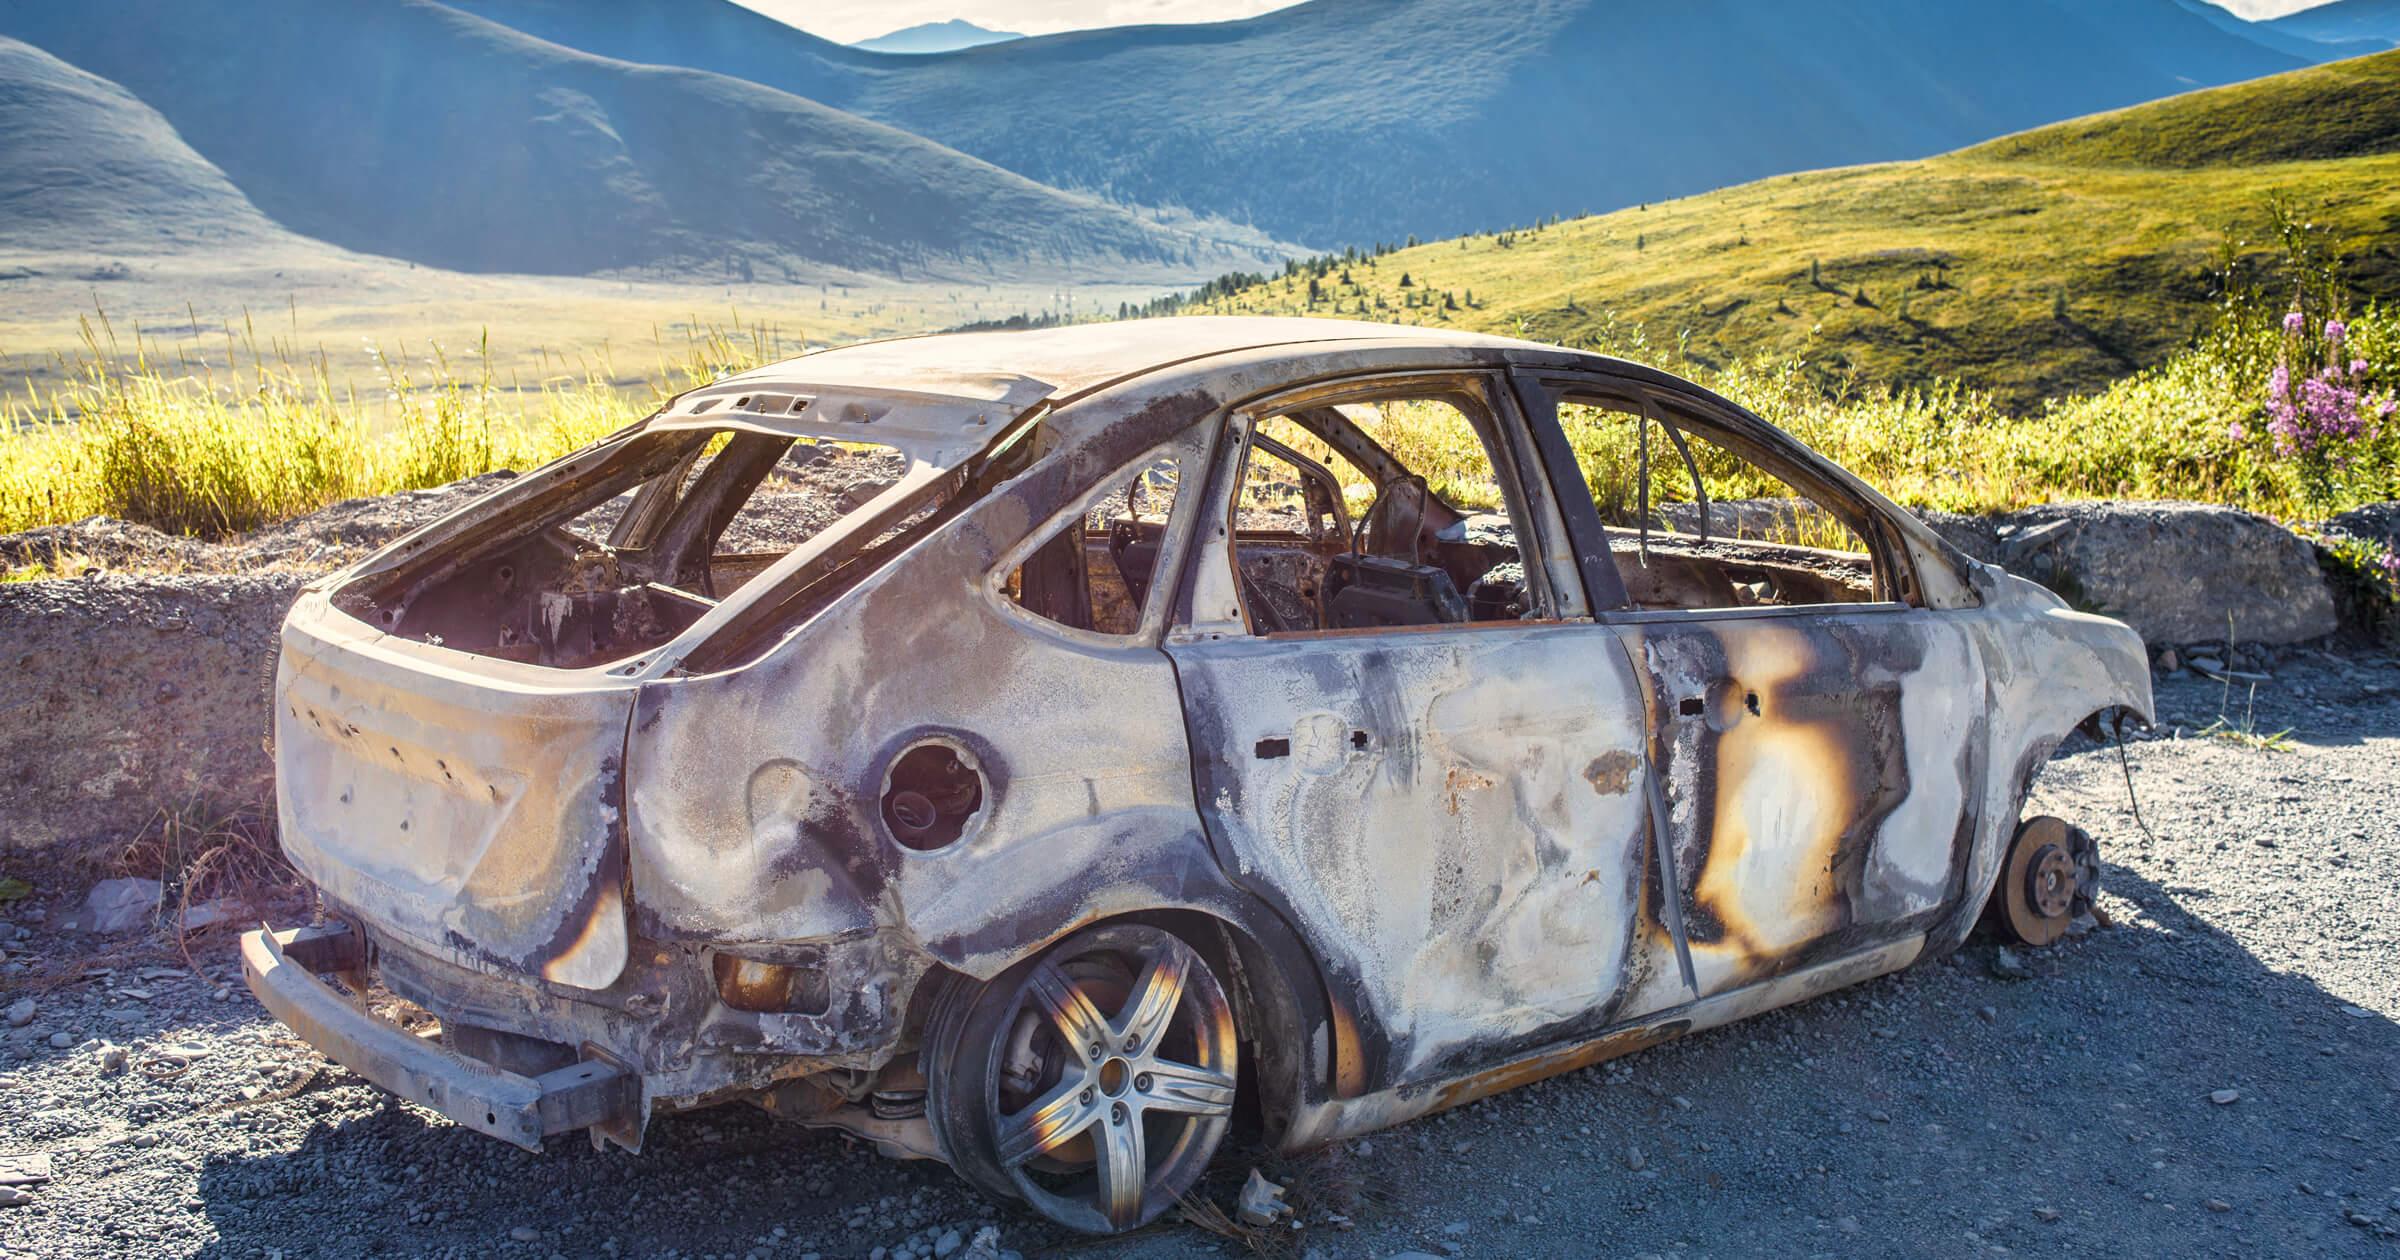 Er du anklaget for forsikringssvindel? Kontakt advokatfirma Sandgrind Ellefsen for hjelp.